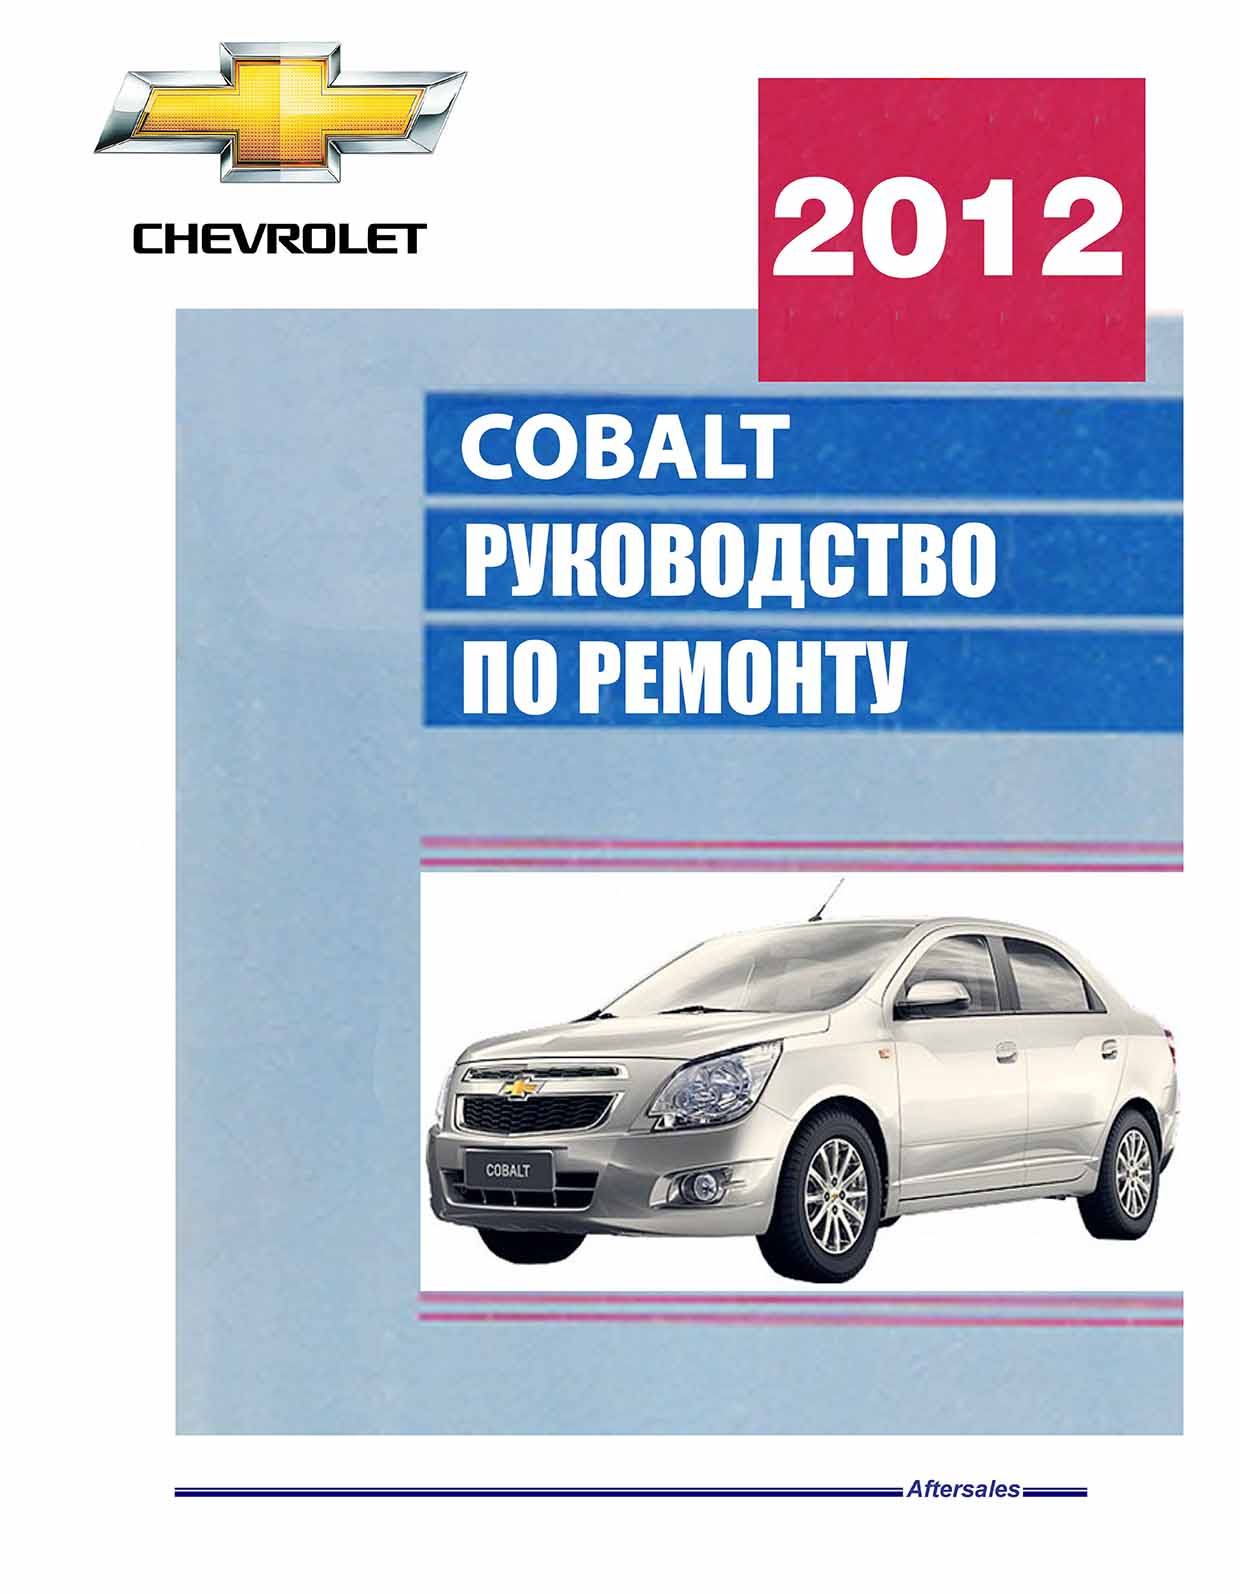 Chevrolet Cobalt Устройство, обслуживание, ремонт и ремонту обложка